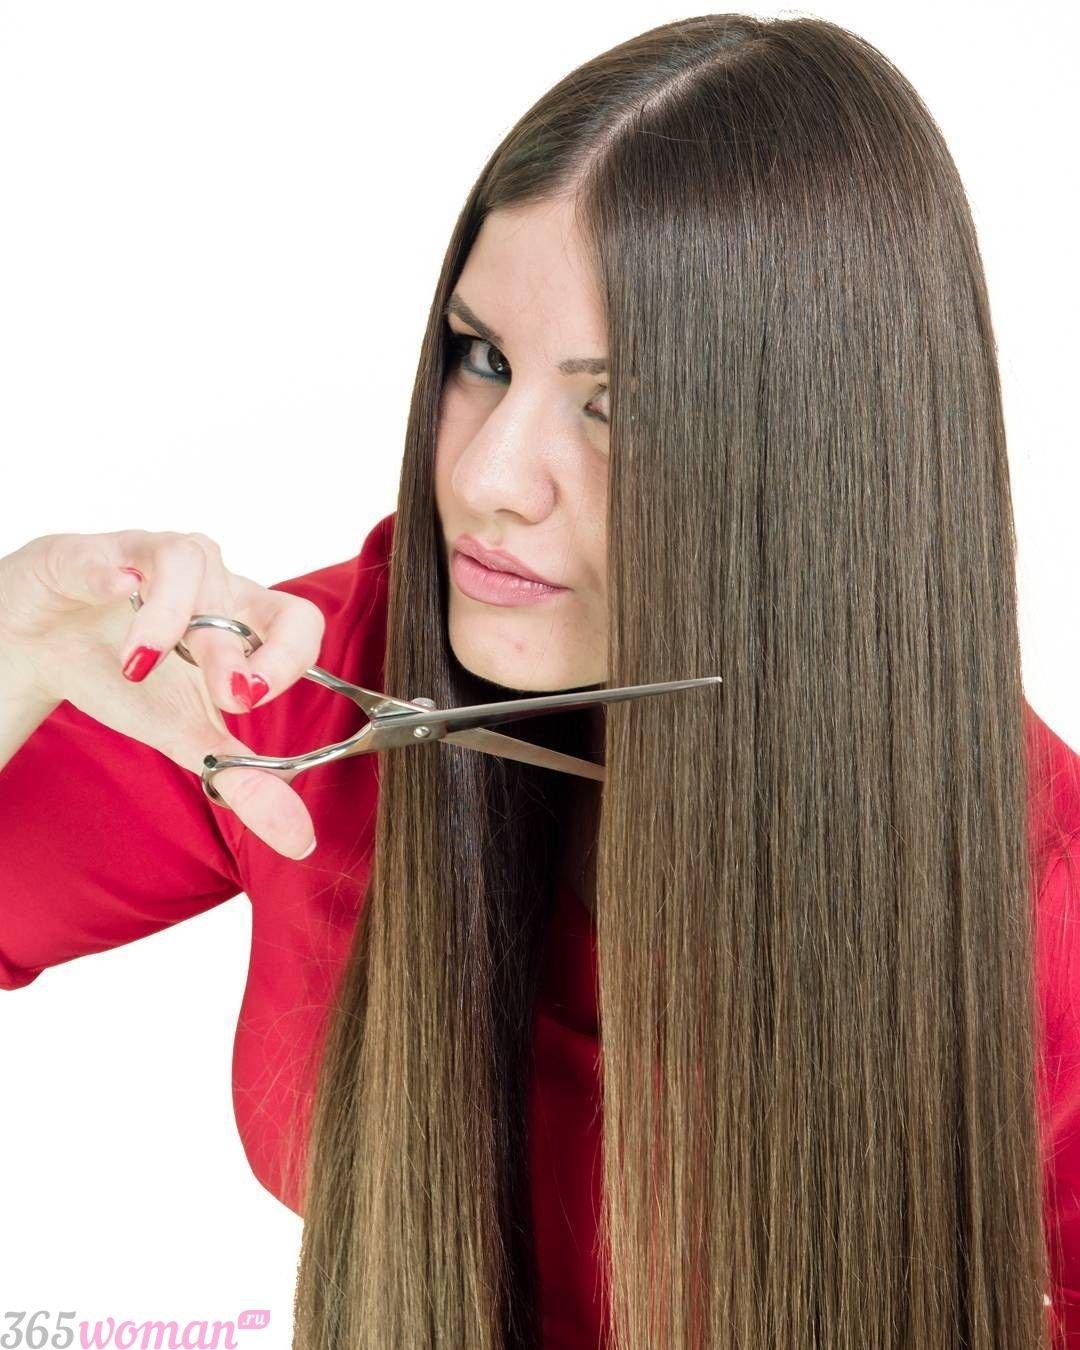 Лунный календарь стрижек волос на май 2018 года - не стригите волосы сами